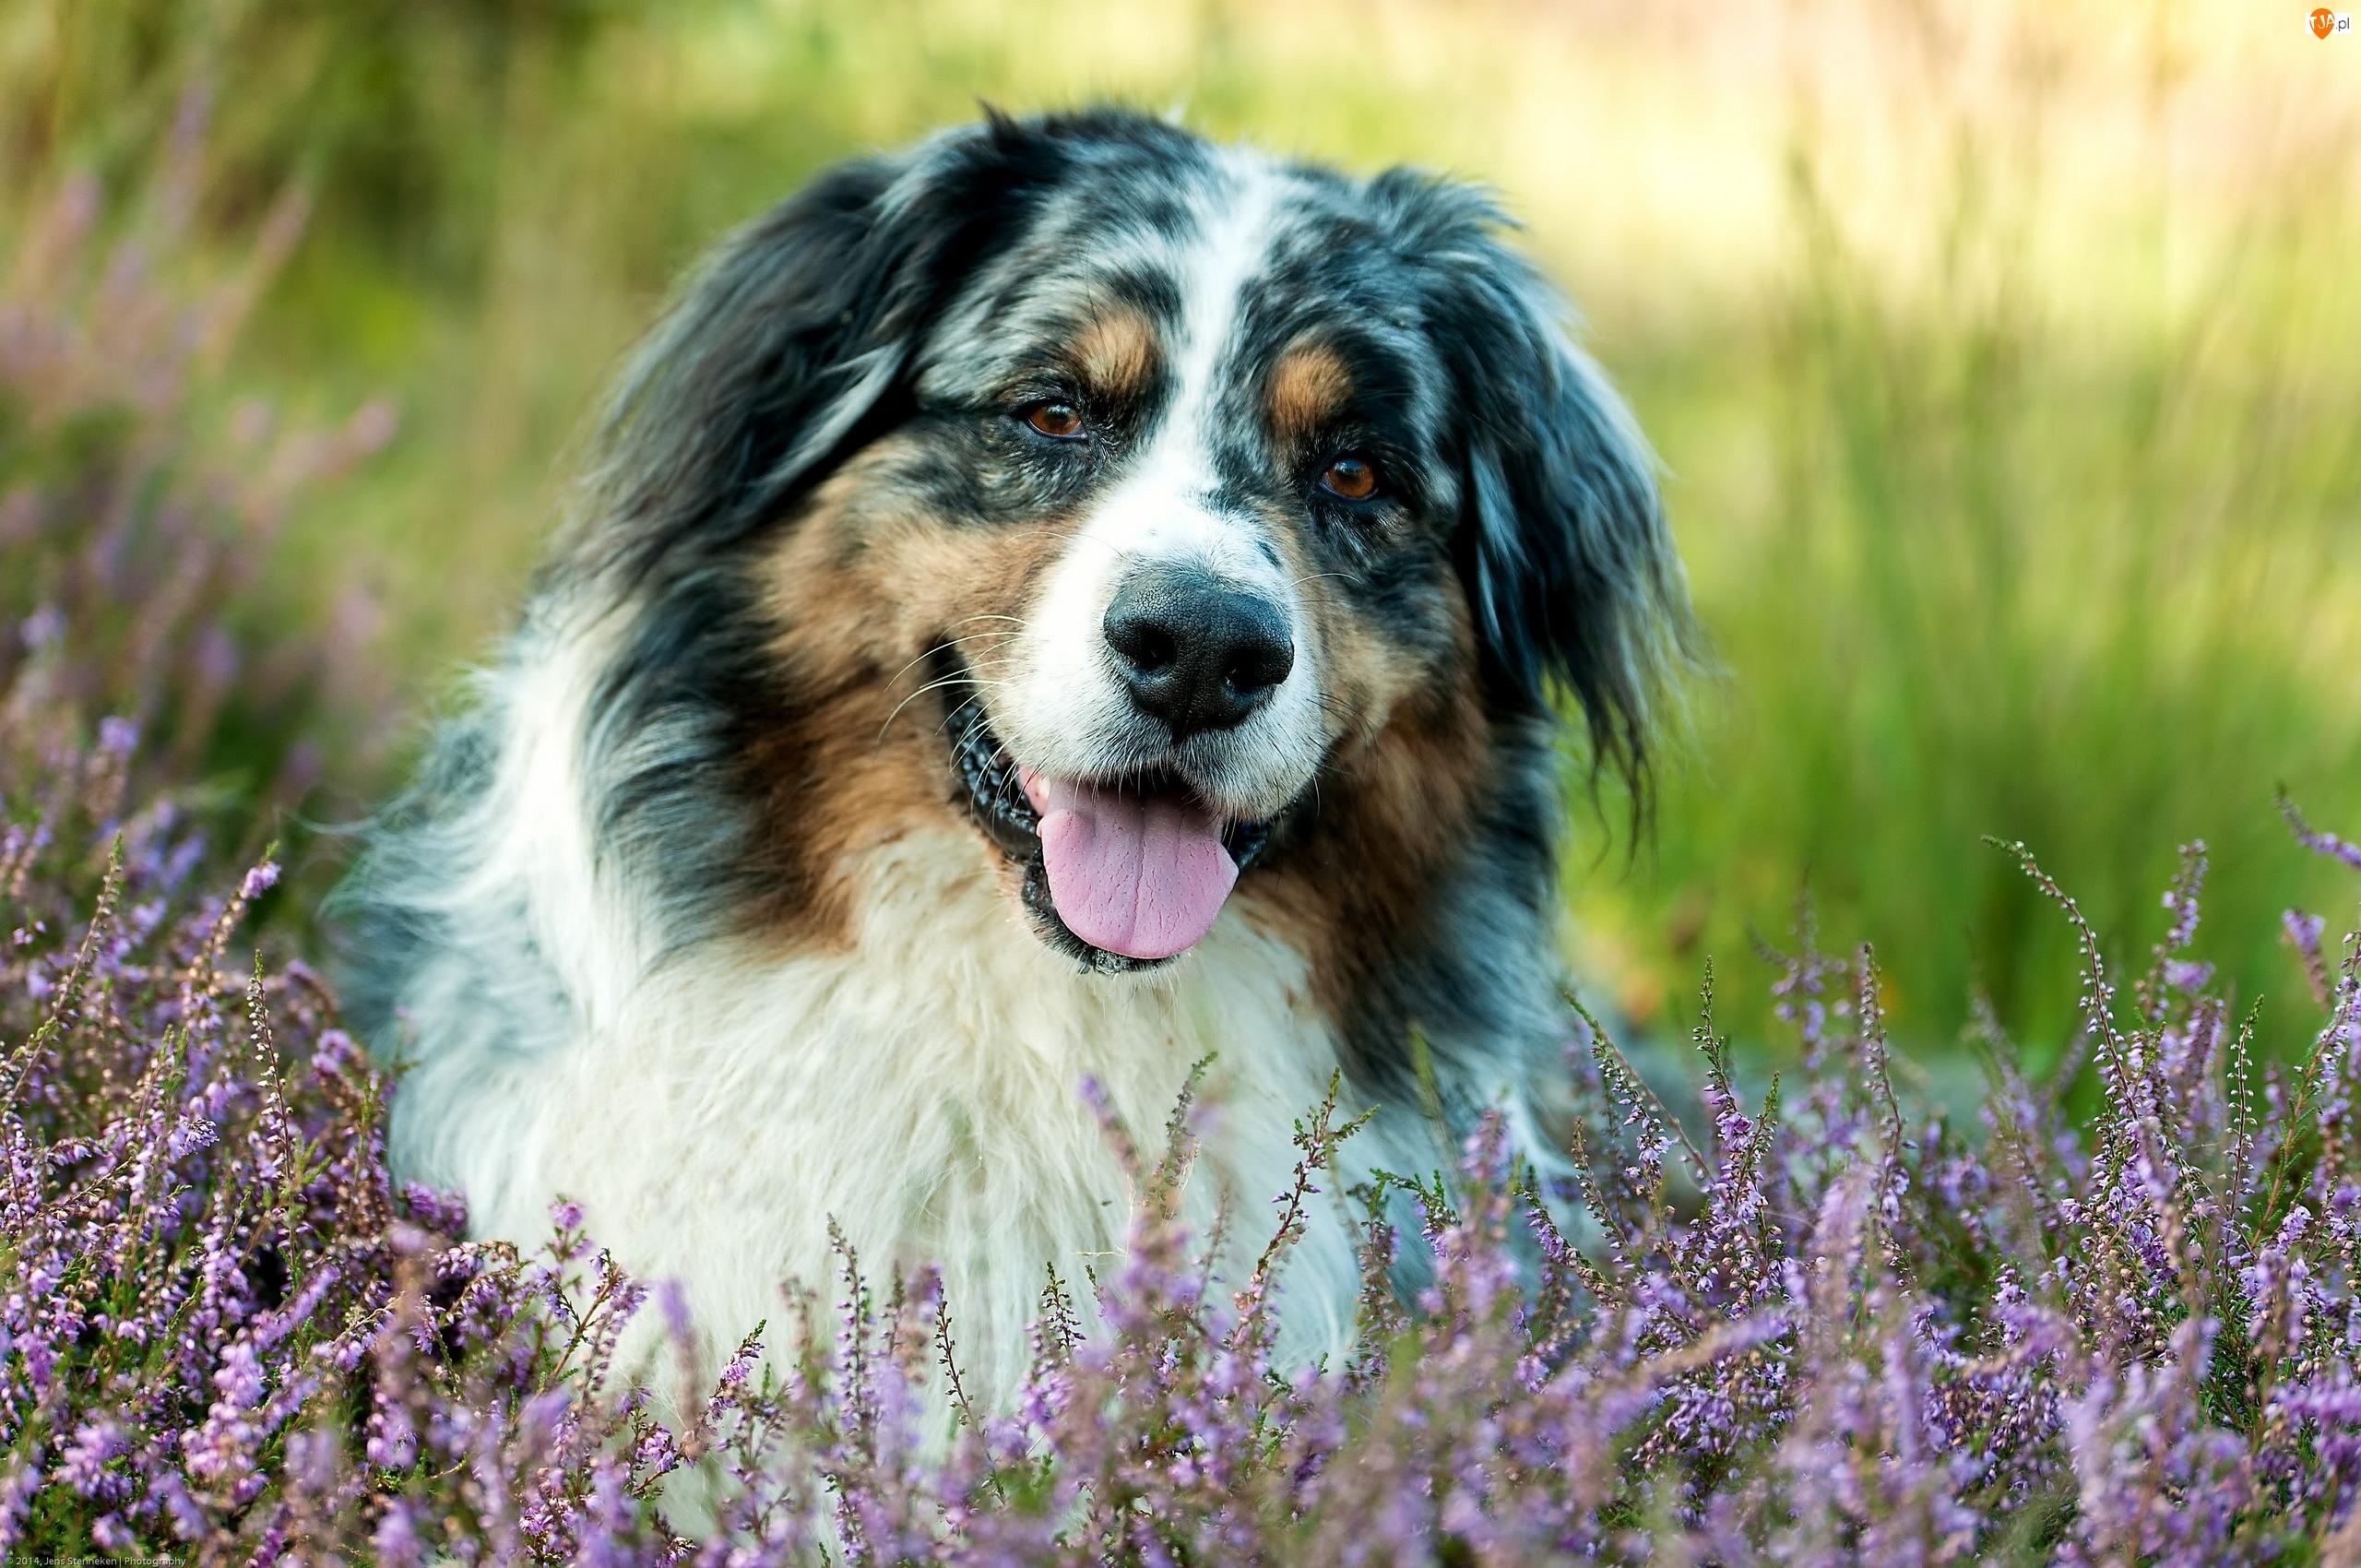 Wrzosu, Pies, Owczarek australijski, Pasterski, Kwiaty